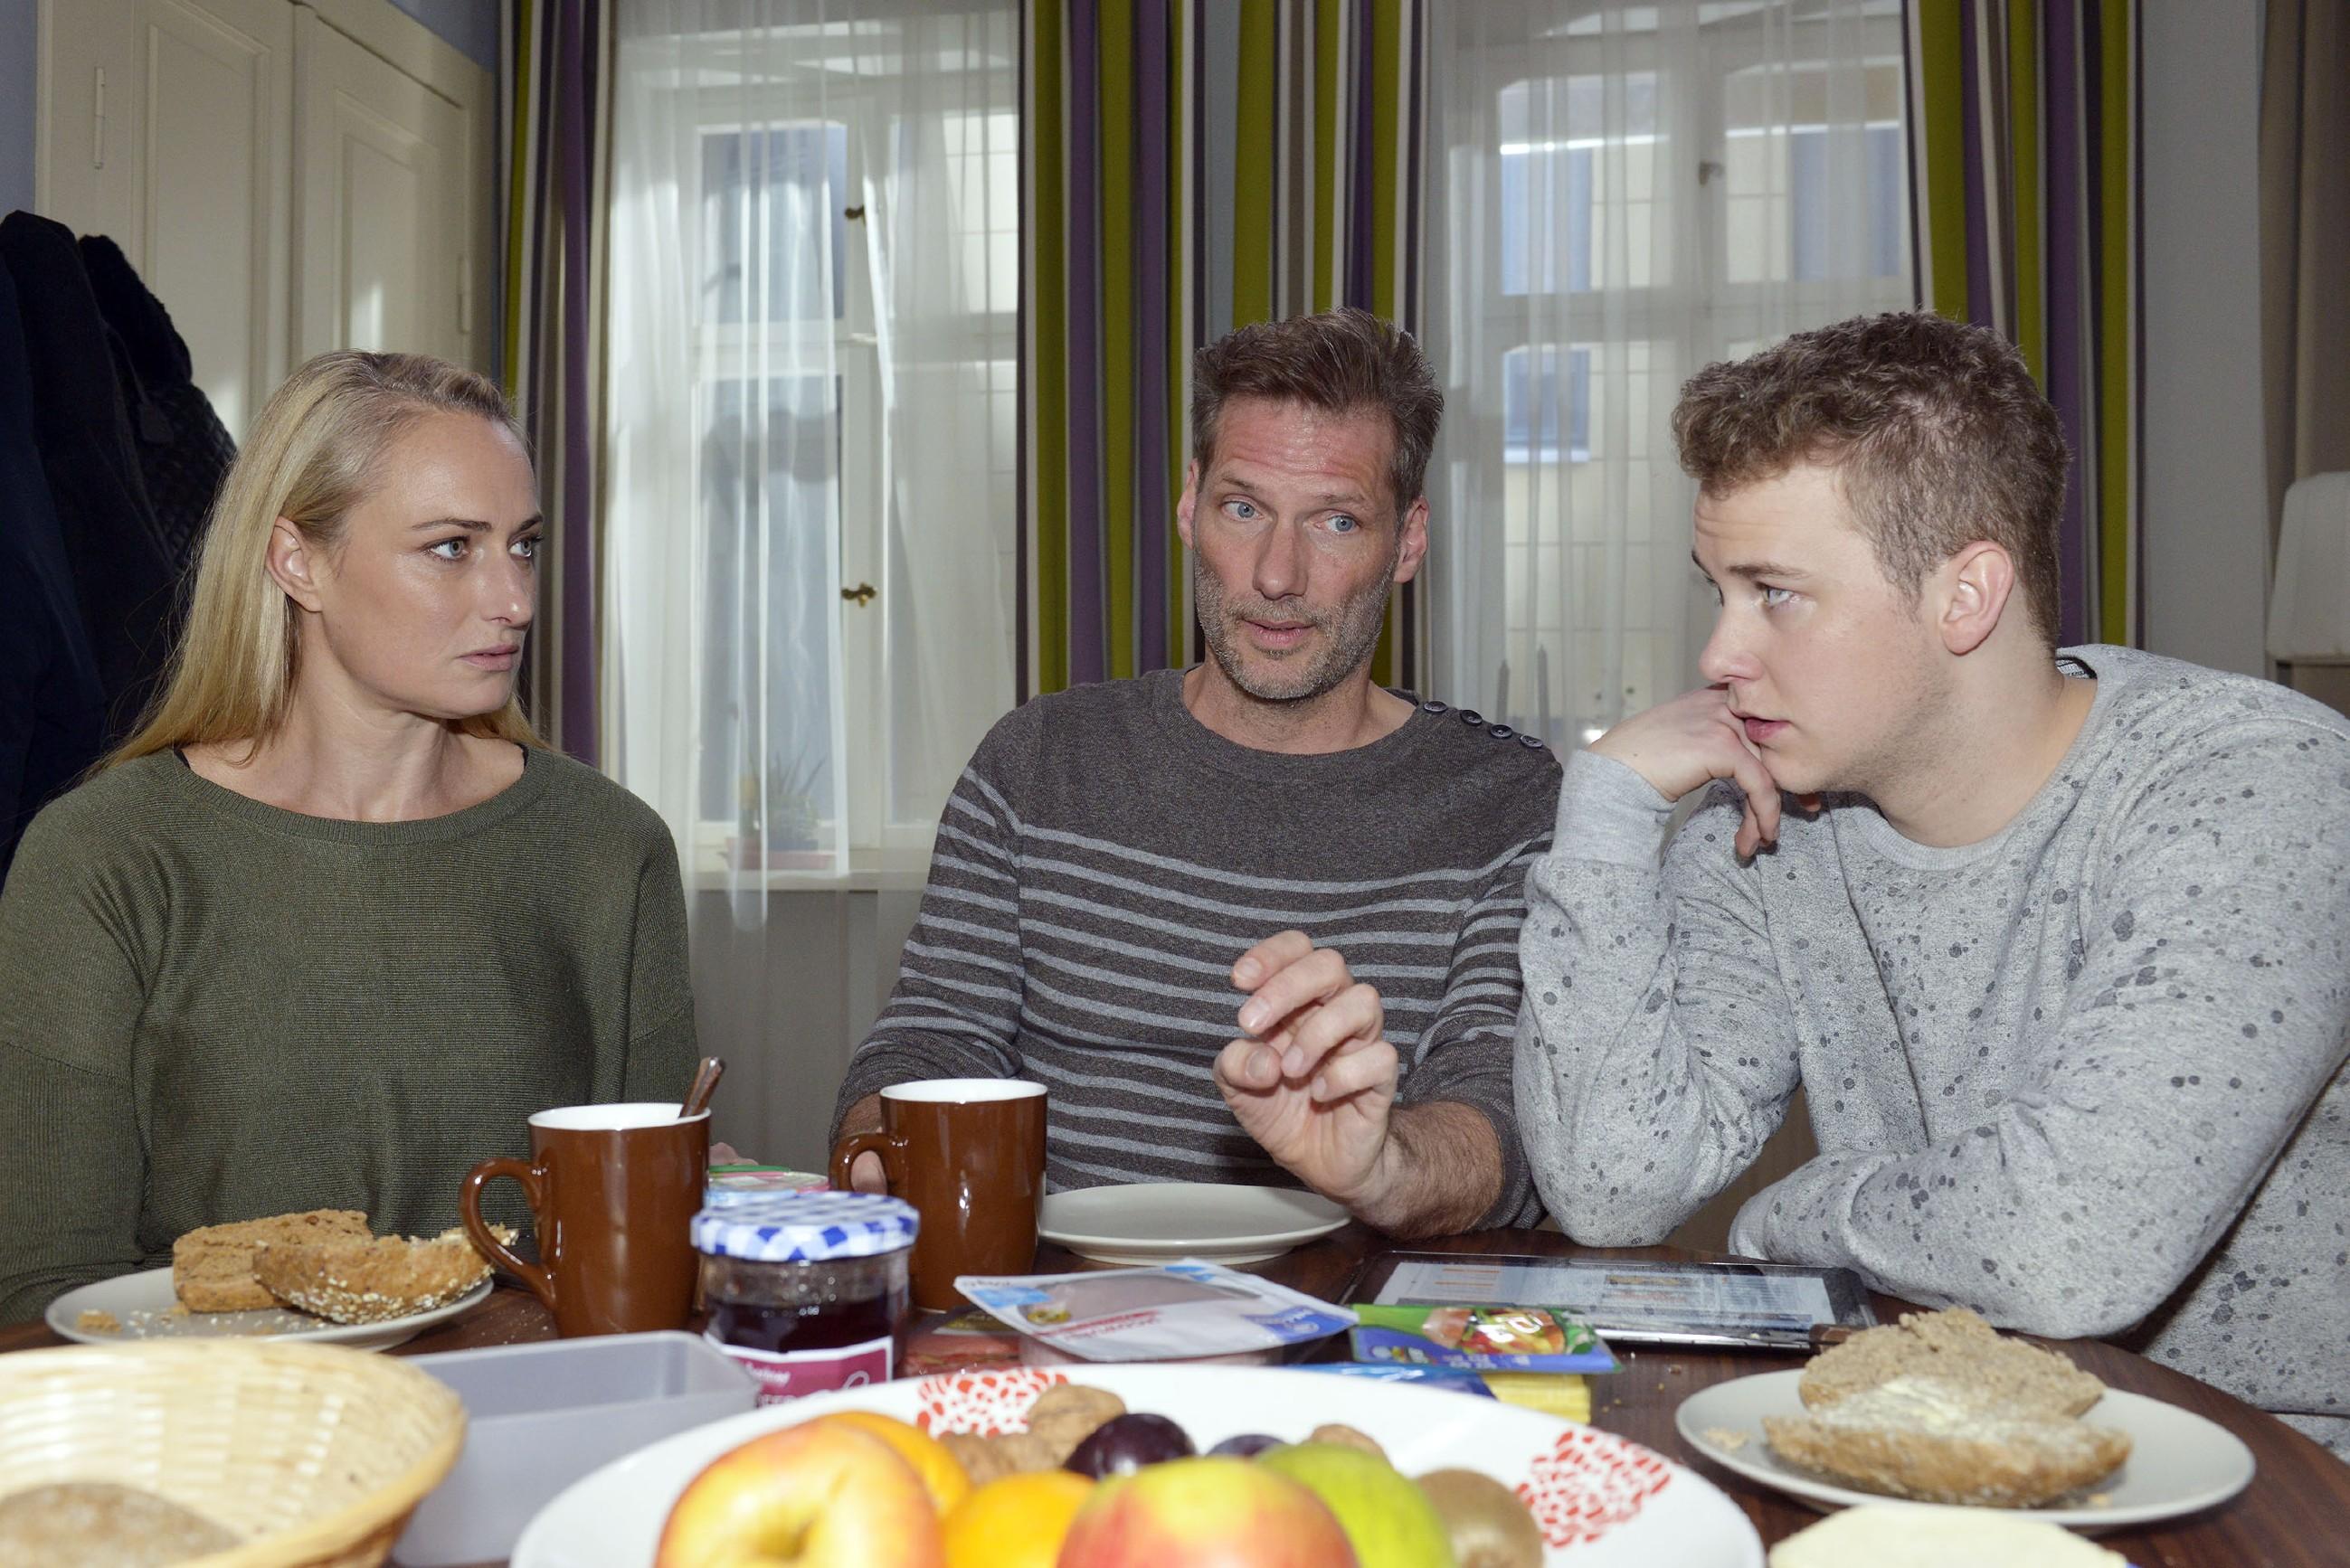 Maren (Eva Mona Rodekirchen) macht sich Sorgen um Jonas' (Felix van Deventer, r.) Abi, weil der nur noch an seinem Roller schraubt, anstatt zu lernen. Als Alexander (Clemens Löhr) hintersinnig versucht, Jonas zum Verkauf des Rollers zu überreden, stellt der sich quer, weil ihm der Marktpreis viel zu niedrig ist. (Foto: RTL / Rolf Baumgartner)